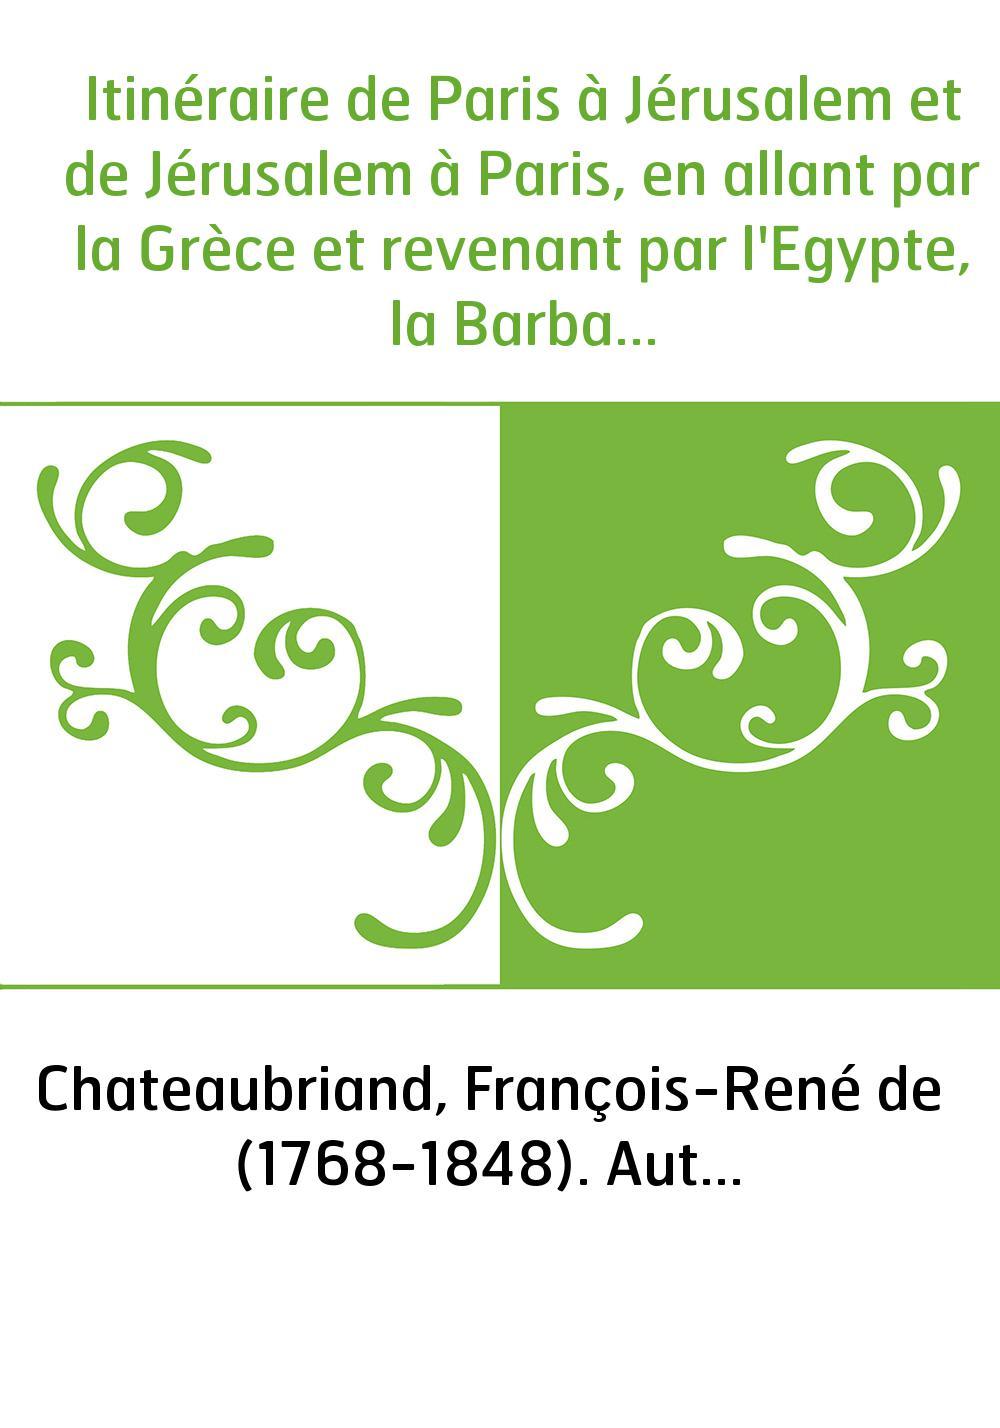 Itinéraire de Paris à Jérusalem et de Jérusalem à Paris, en allant par la Grèce et revenant par l'Egypte, la Barbarie et l'Espag